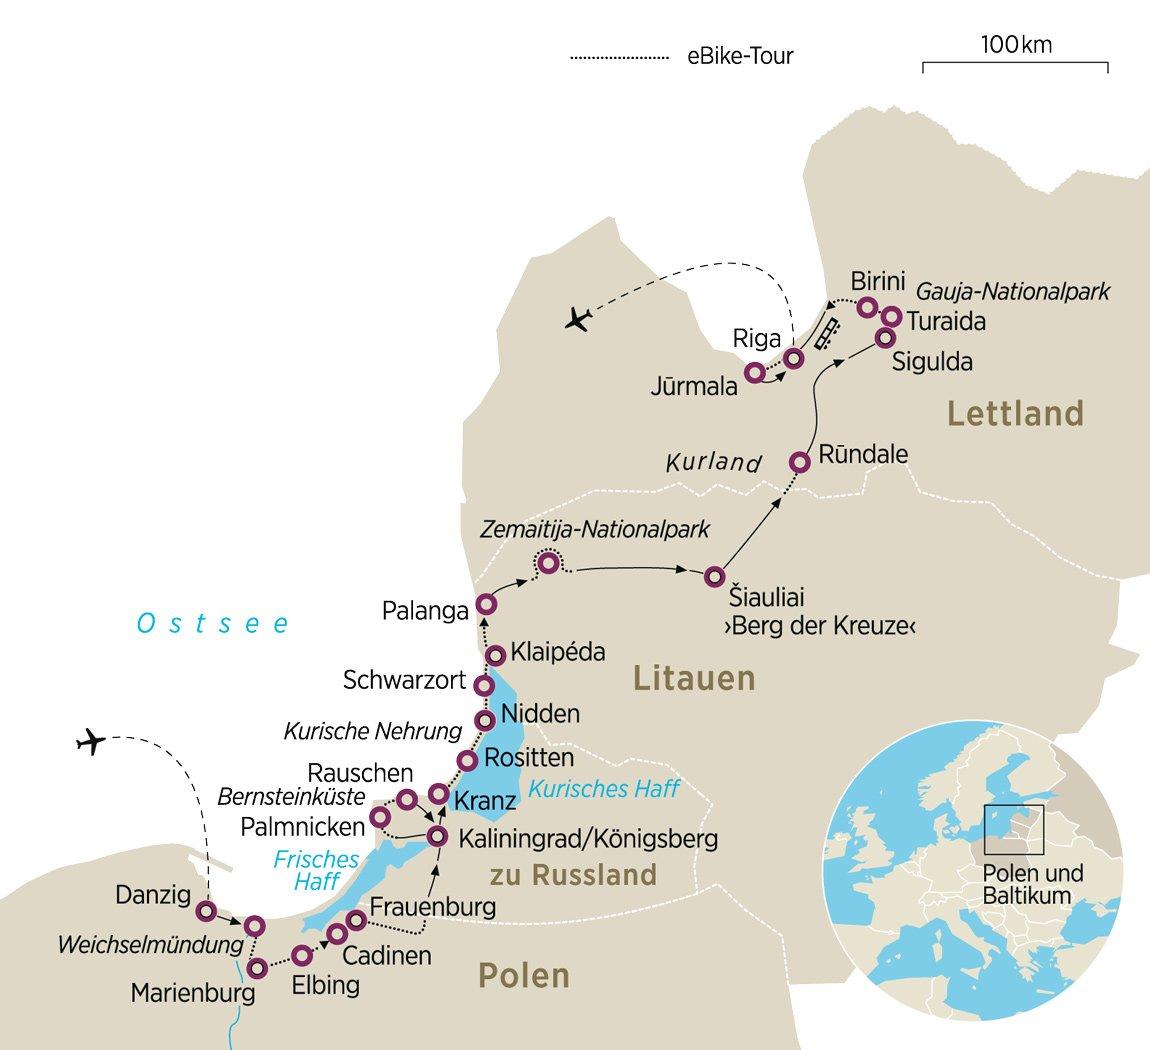 Kurische Nehrung Karte.E Bike Tour Baltische Traumroute Von Danzig Nach Riga Zeit Reisen